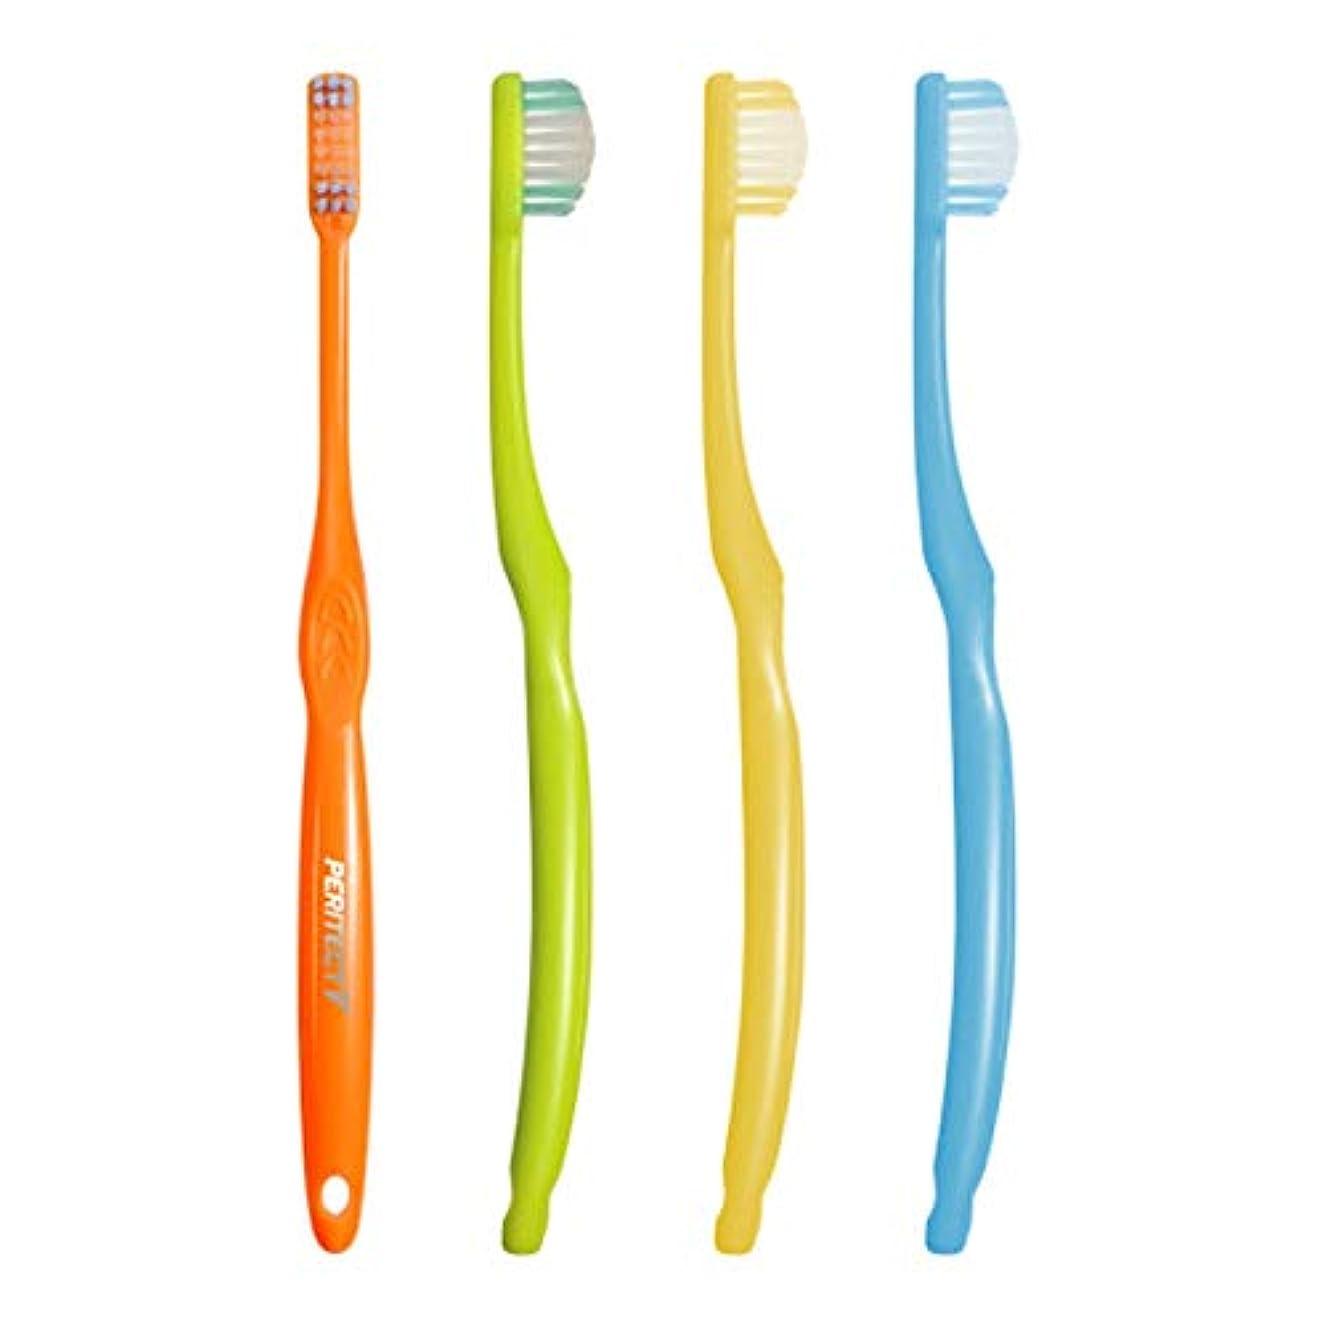 真似る耐久先例ビーブランド PERITECT V ペリテクト ブイ 歯ブラシ (8M ふつう) × 5本 歯科専売品